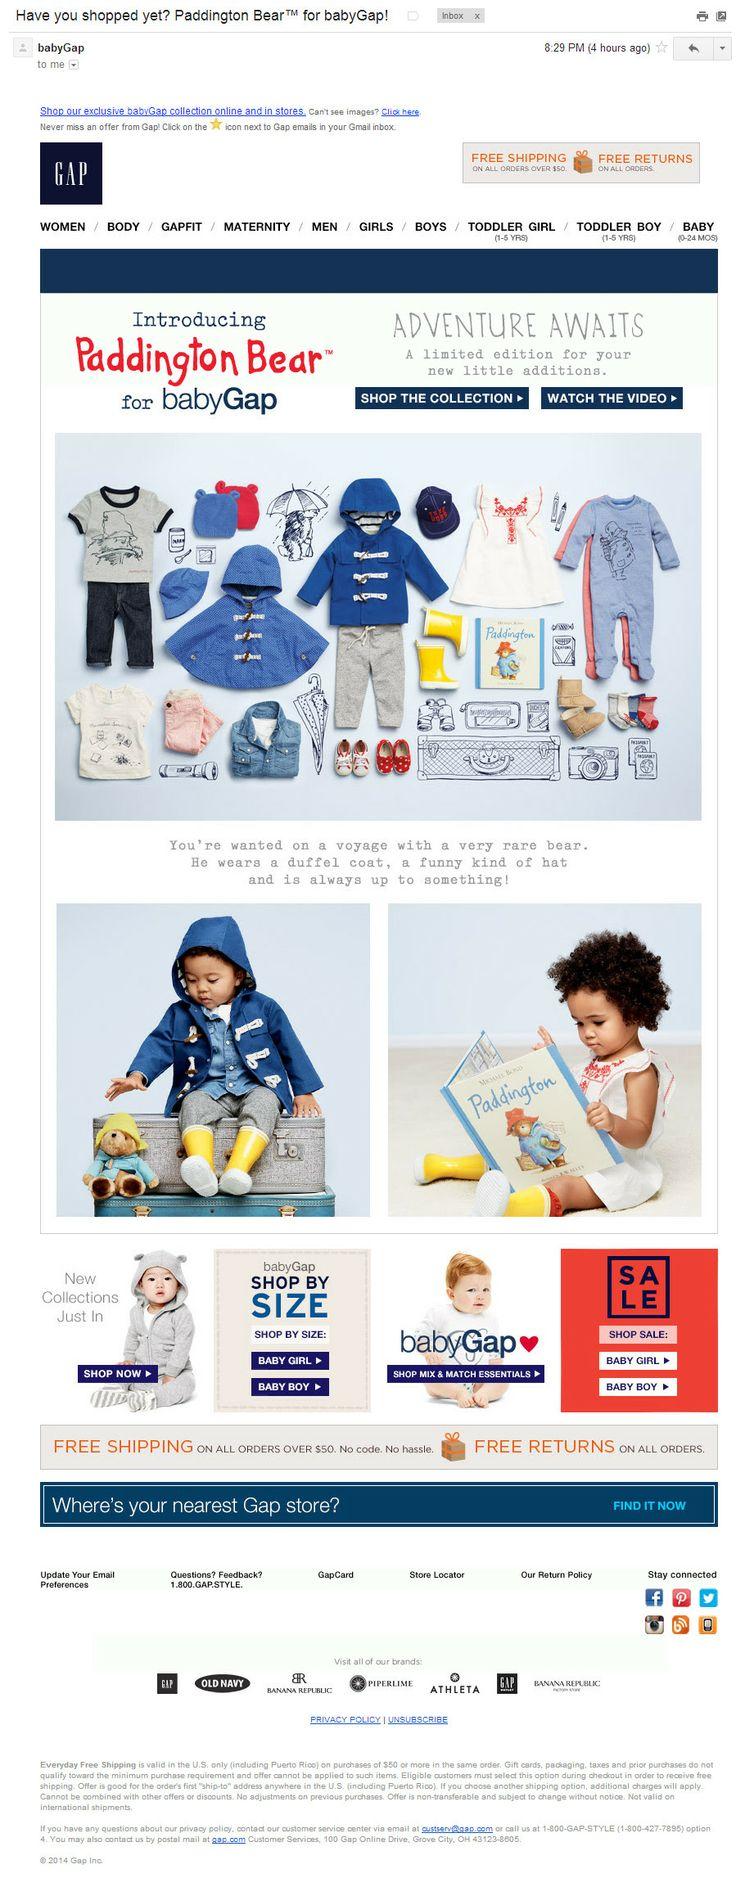 babyGap: анонс специальной коллекции (31/01/2014). Письмо для родителей, которые читали о медвежонке Паддингтоне в детстве и хотят поиграть в него сейчас. Атмосферу создают книжные иллюстрации и фотографии детей в одежде Паддингтона.